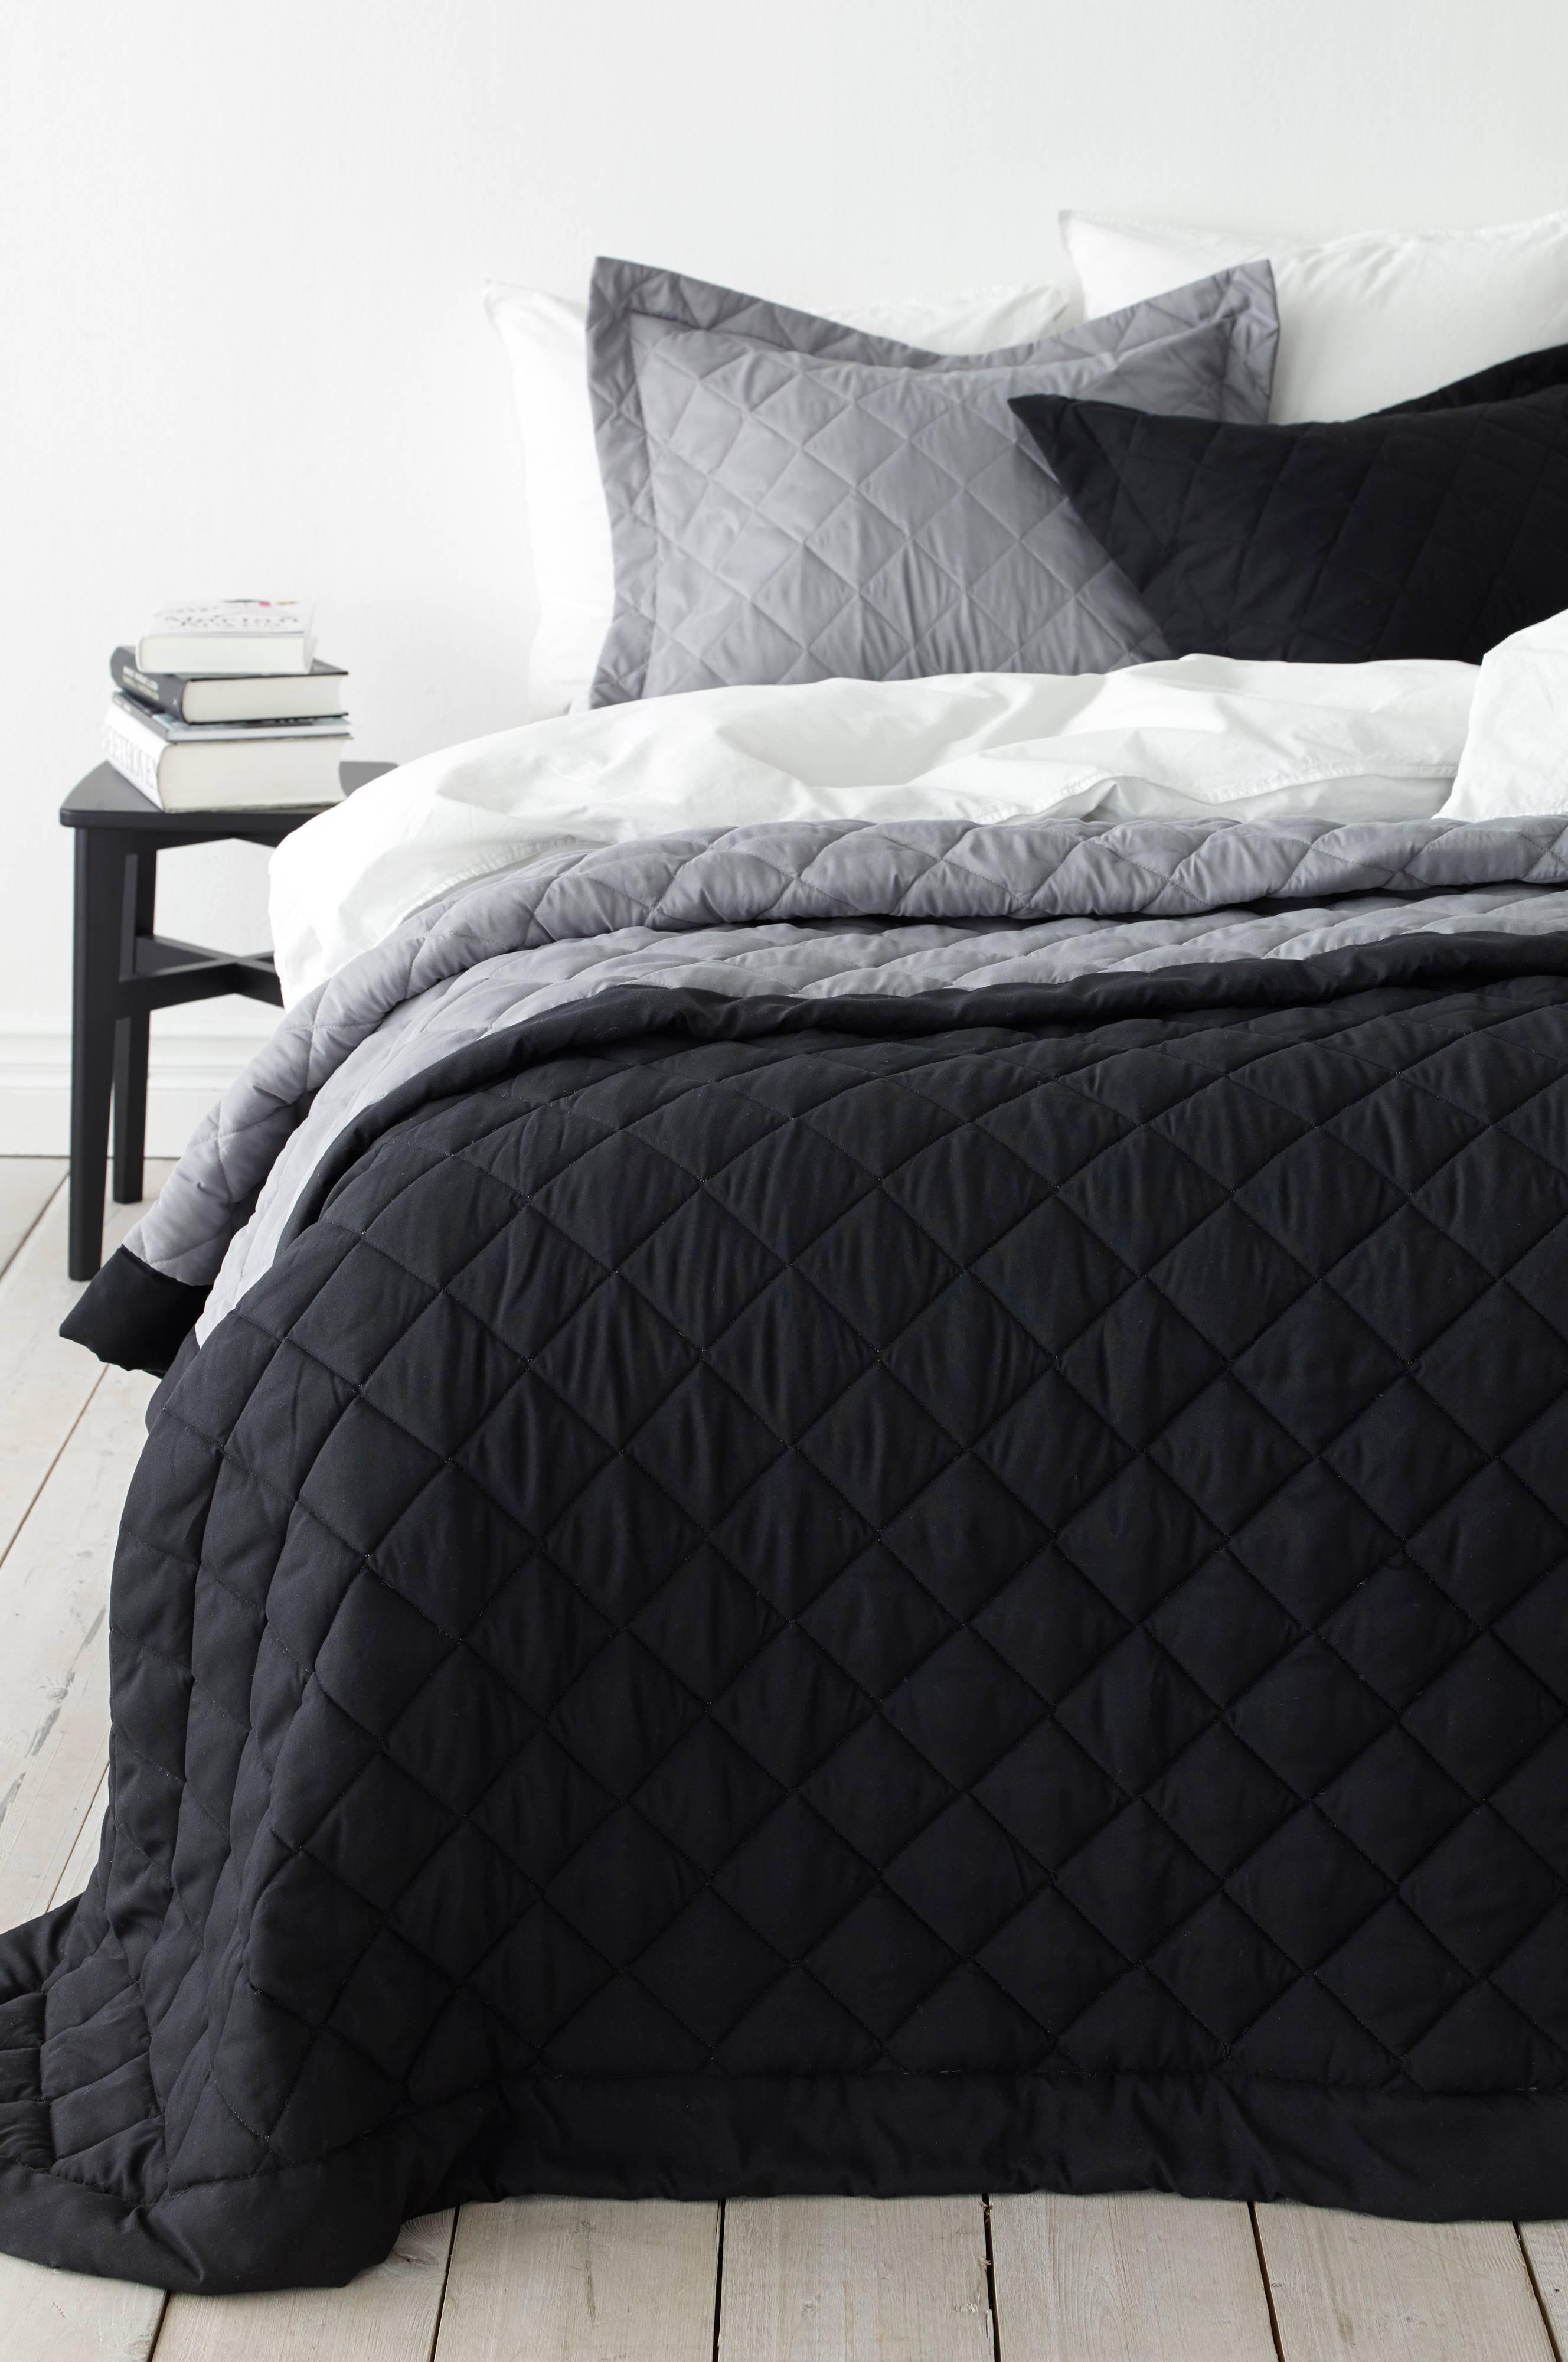 sort sengetæppe Ellos Home Sengetæppe Tora 150x250 cm   Sort   Bolig & indretning  sort sengetæppe